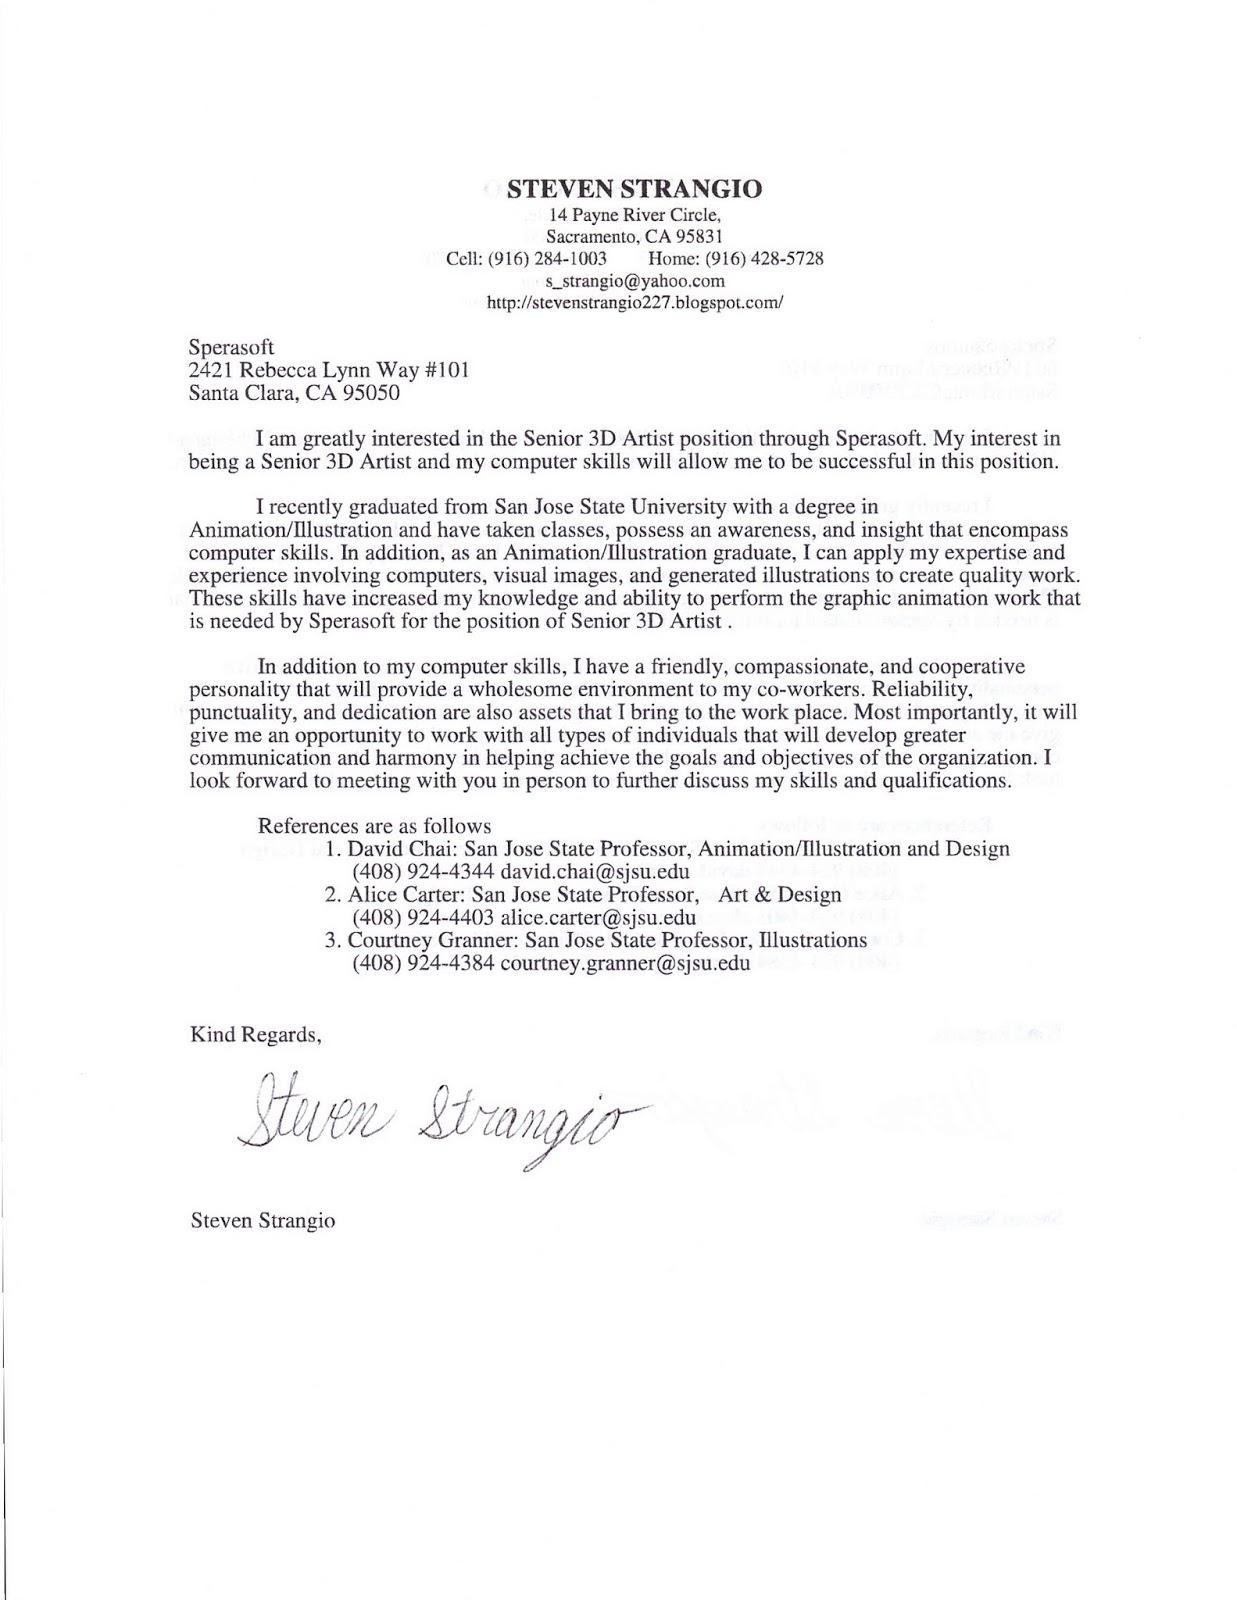 Cover Letter For 3d Modeler